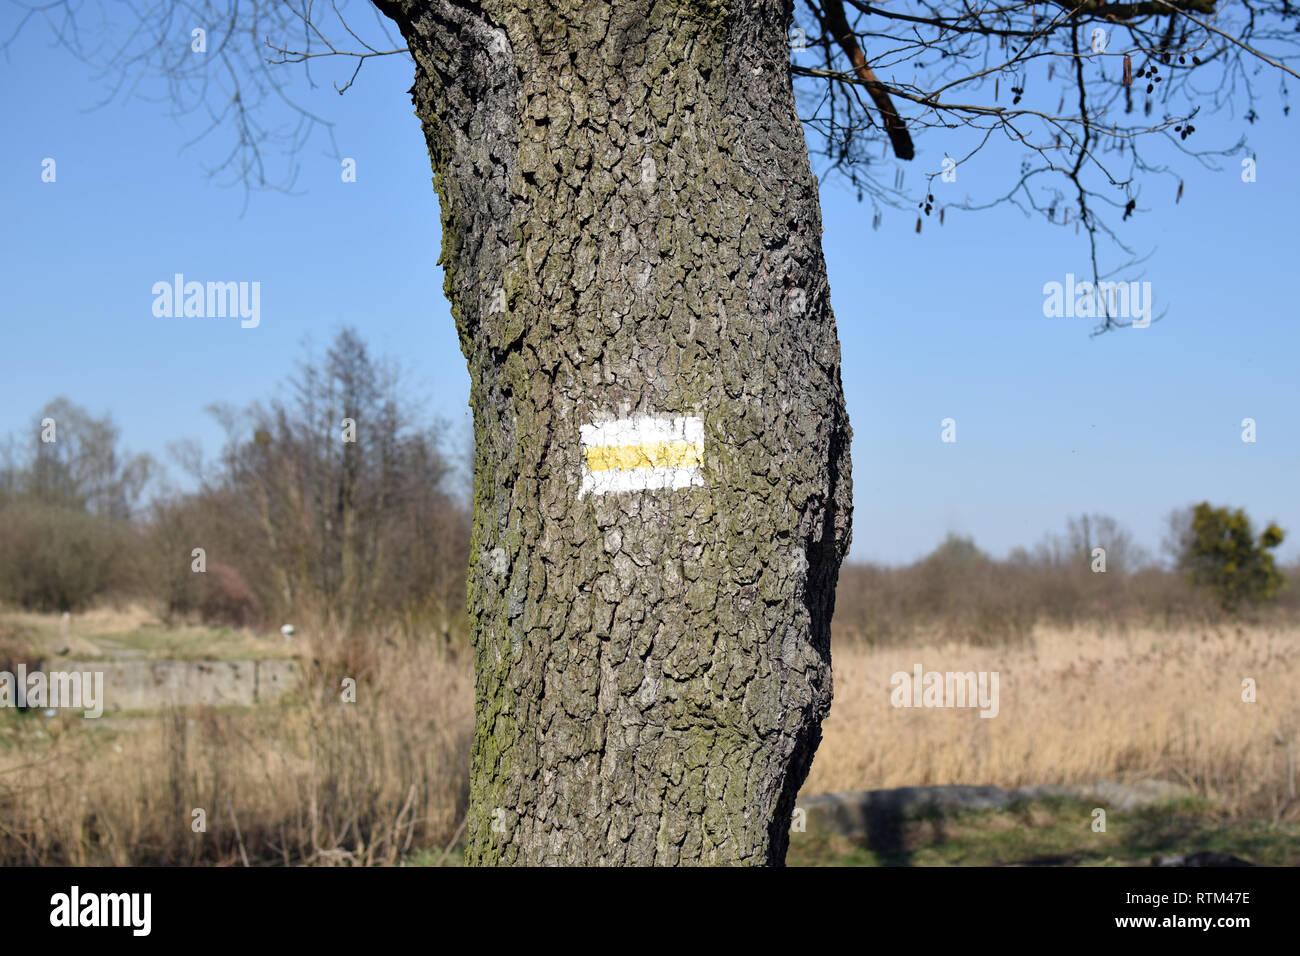 Sentier de randonnée pédestre marque sur arbre. Banque D'Images